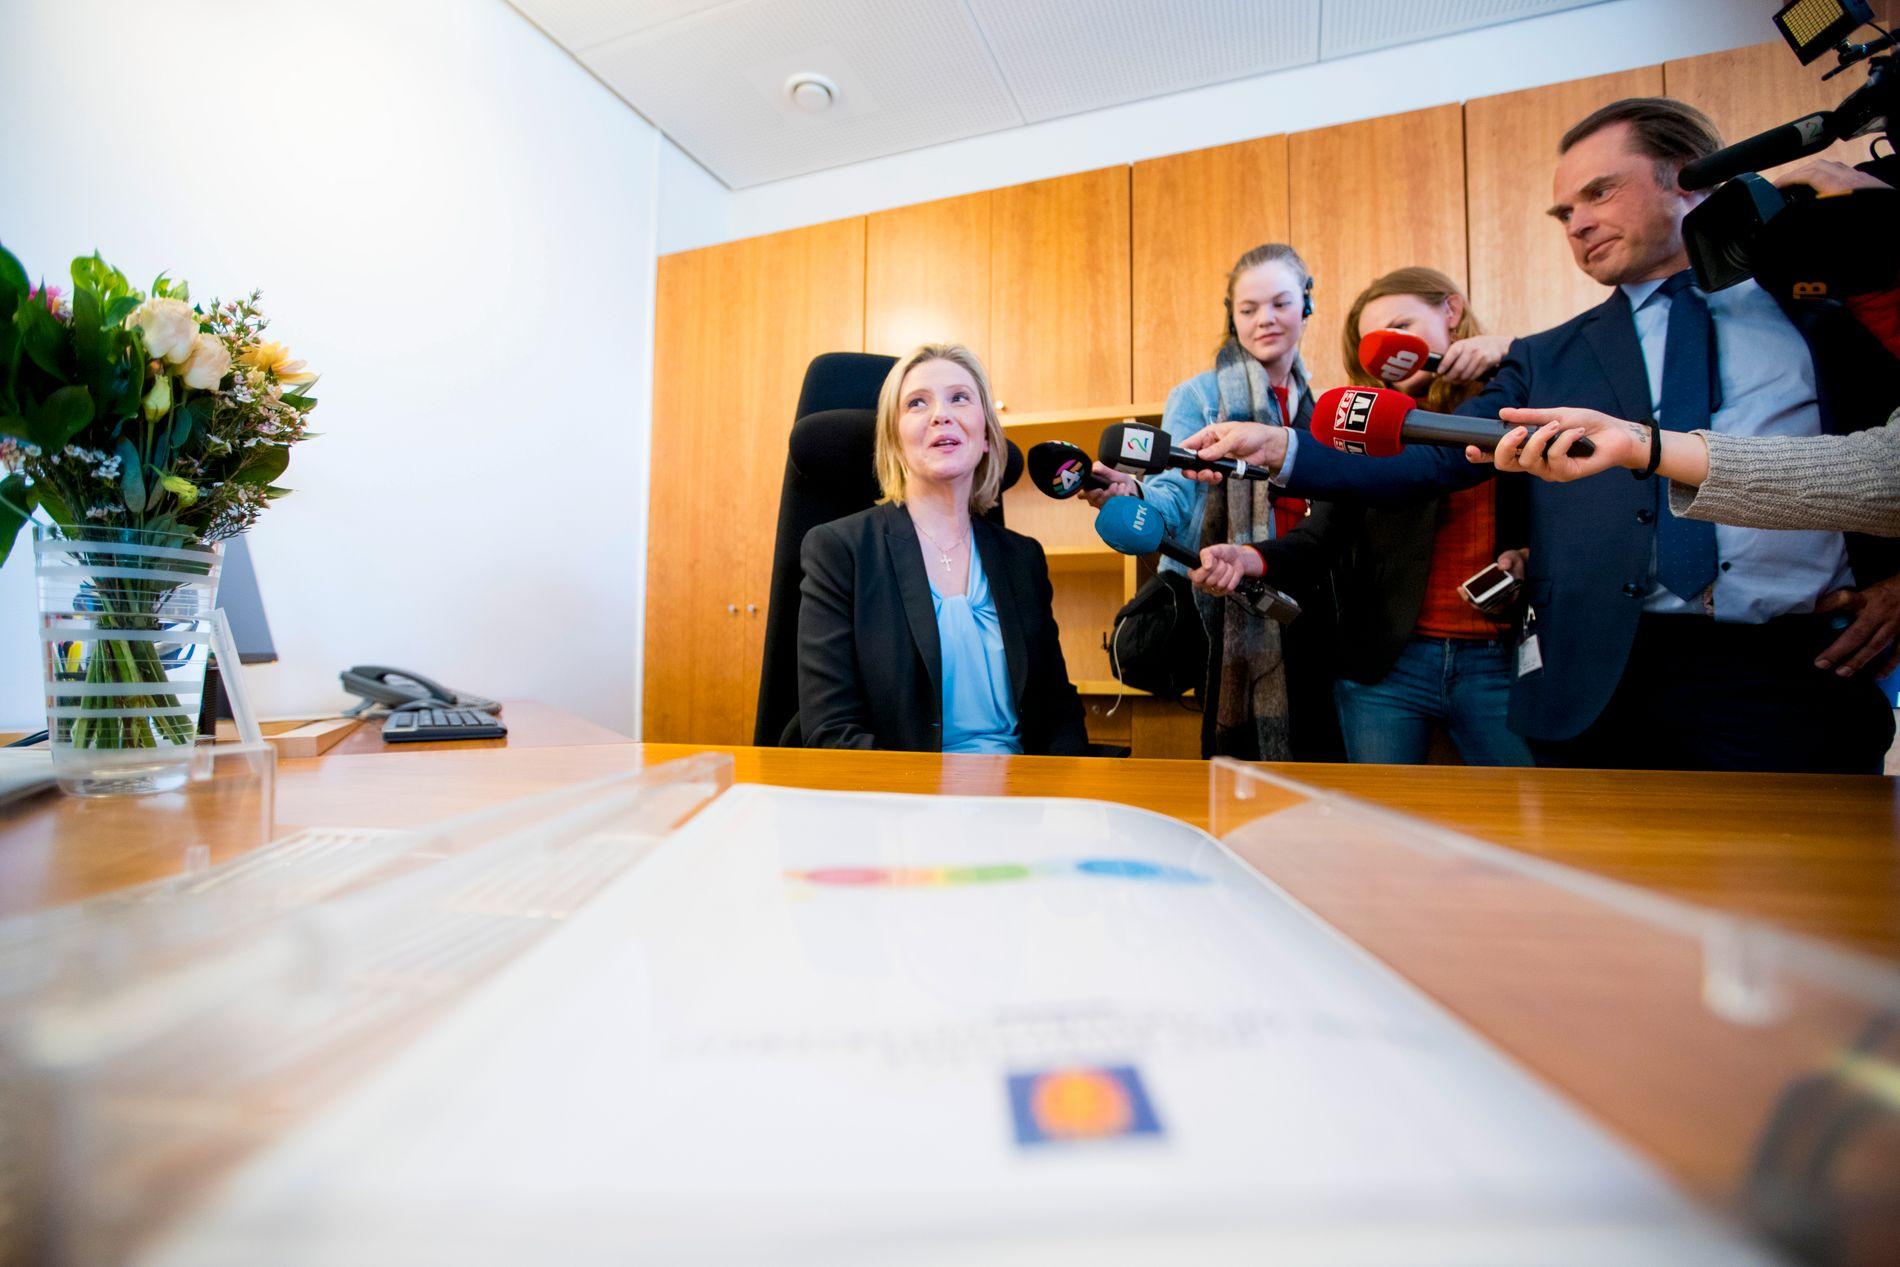 ELDRE- OG FOLKEHELSEMINISTER: Sylvi Listhaug ble utnevnt i mars i år. Her prøver hun statsrådsstolen etter nøkkeloverrekkelsen.